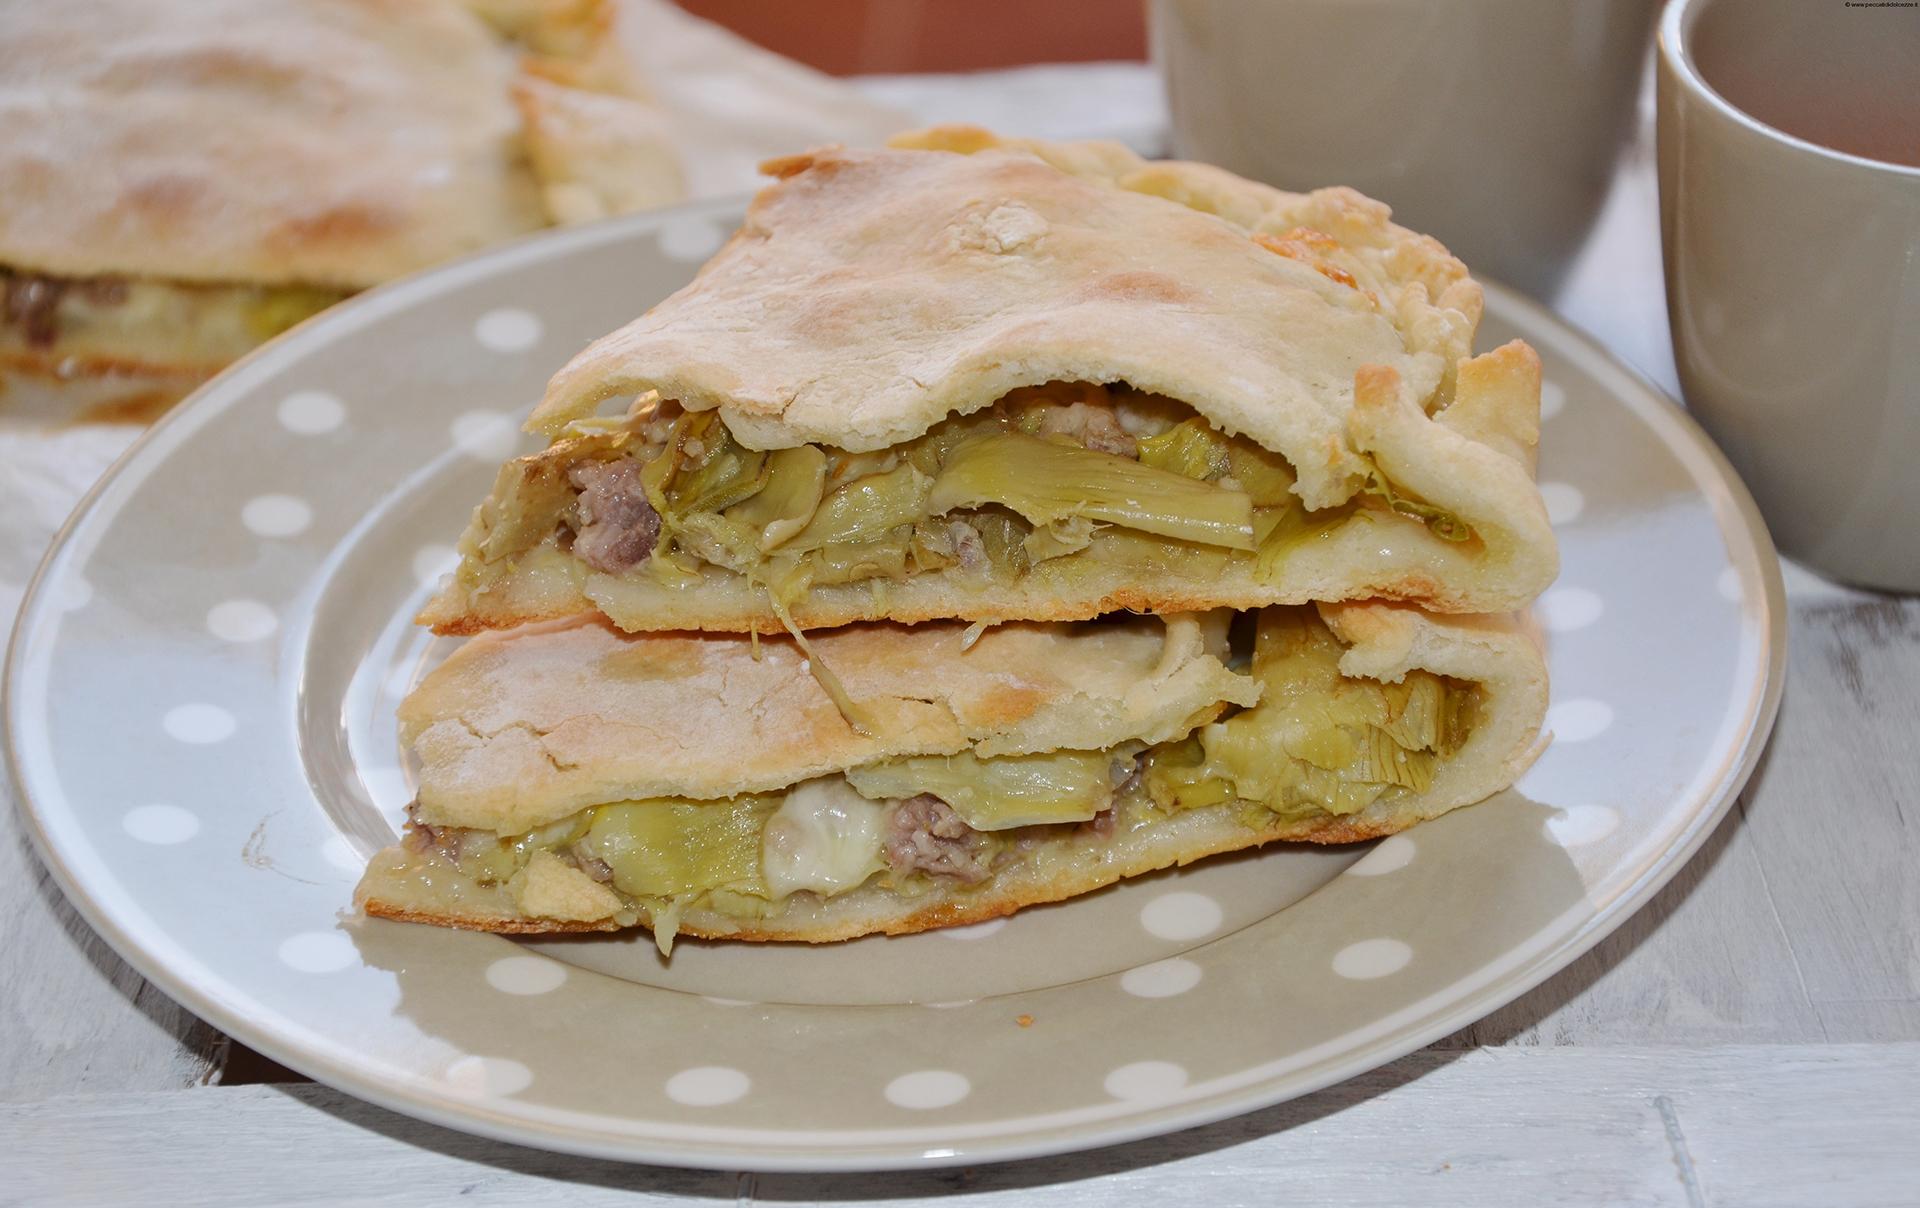 Focaccia Bread With Artichokes And Pecorino Sauce